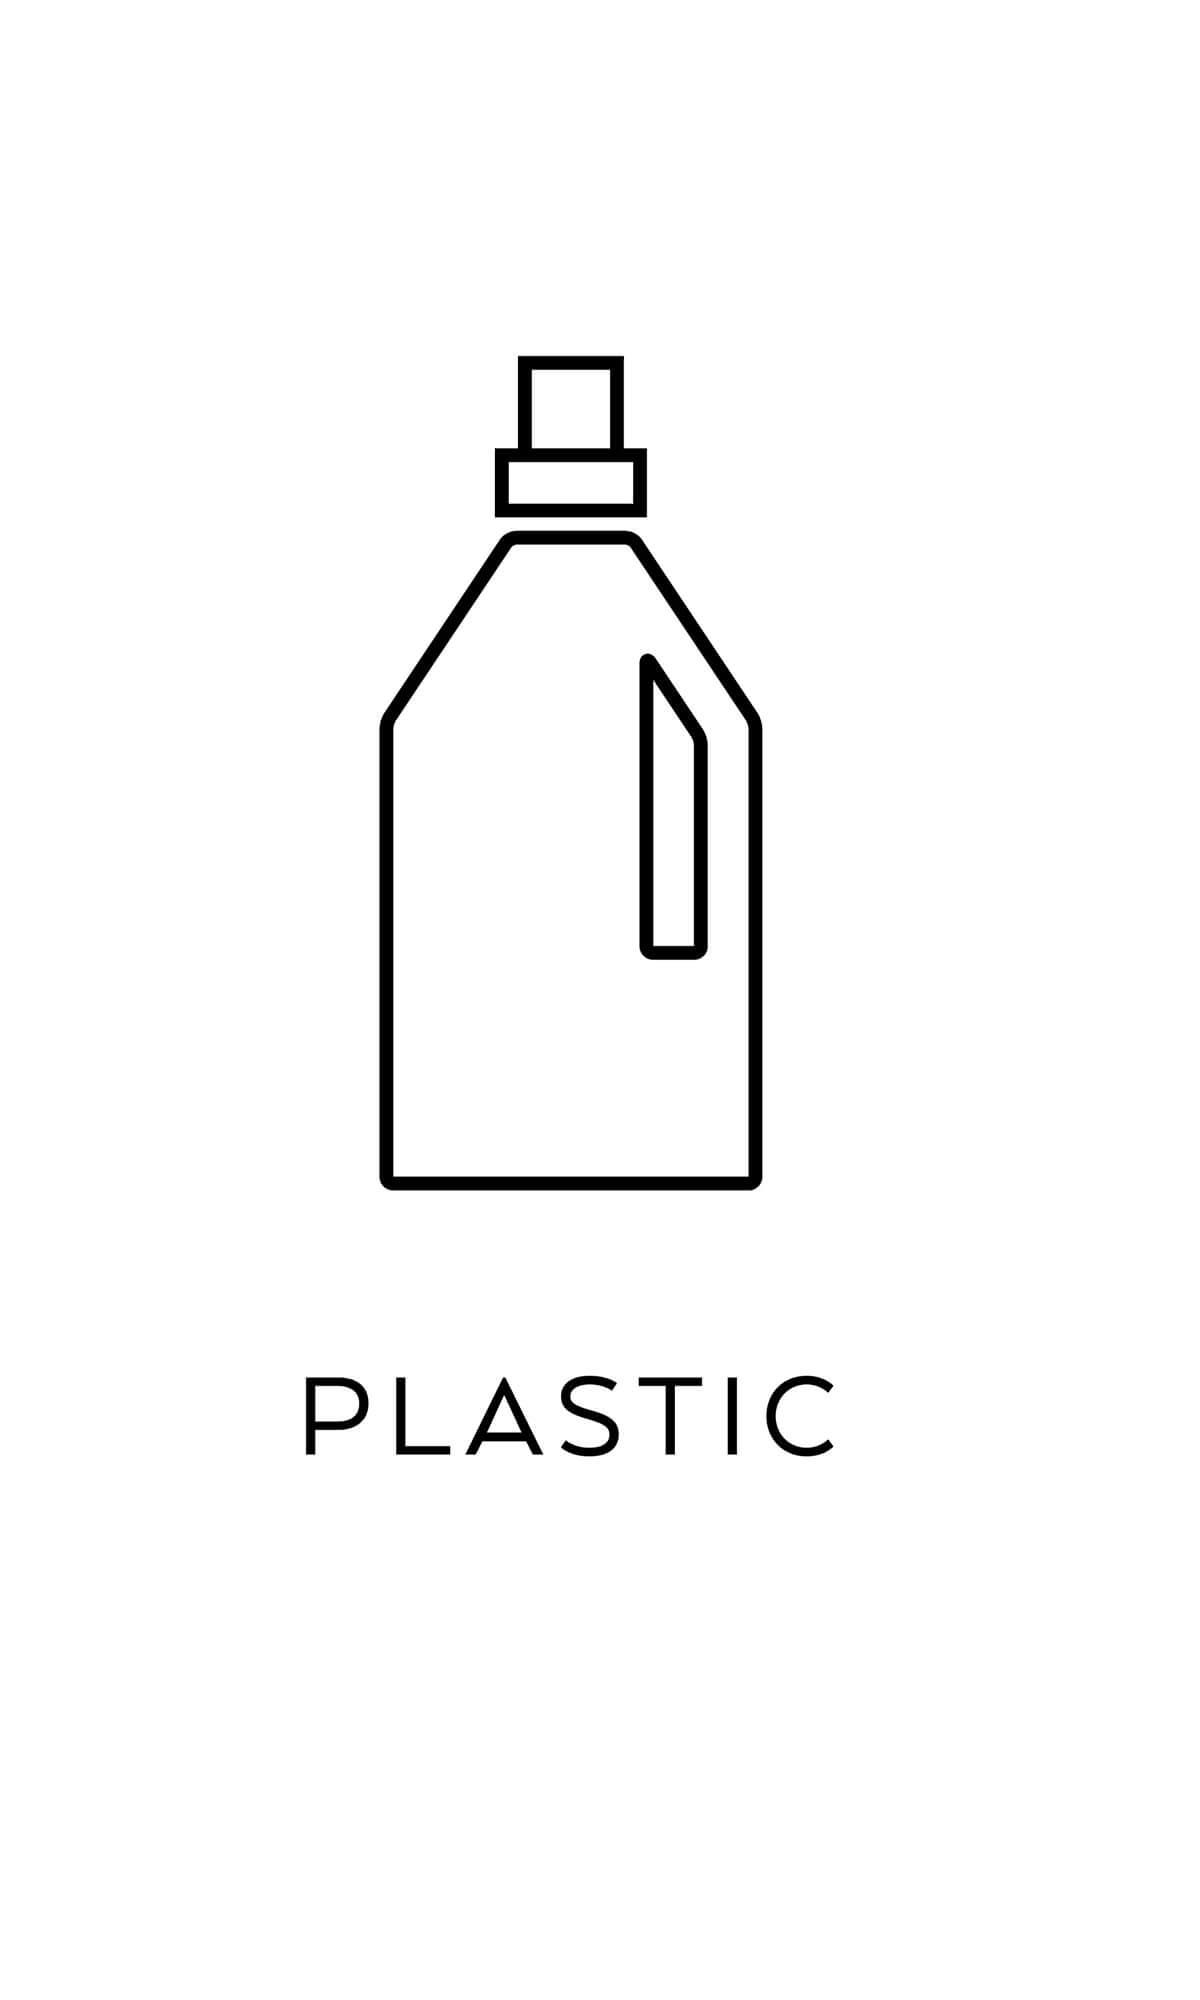 symbol källsortering plast återvinning